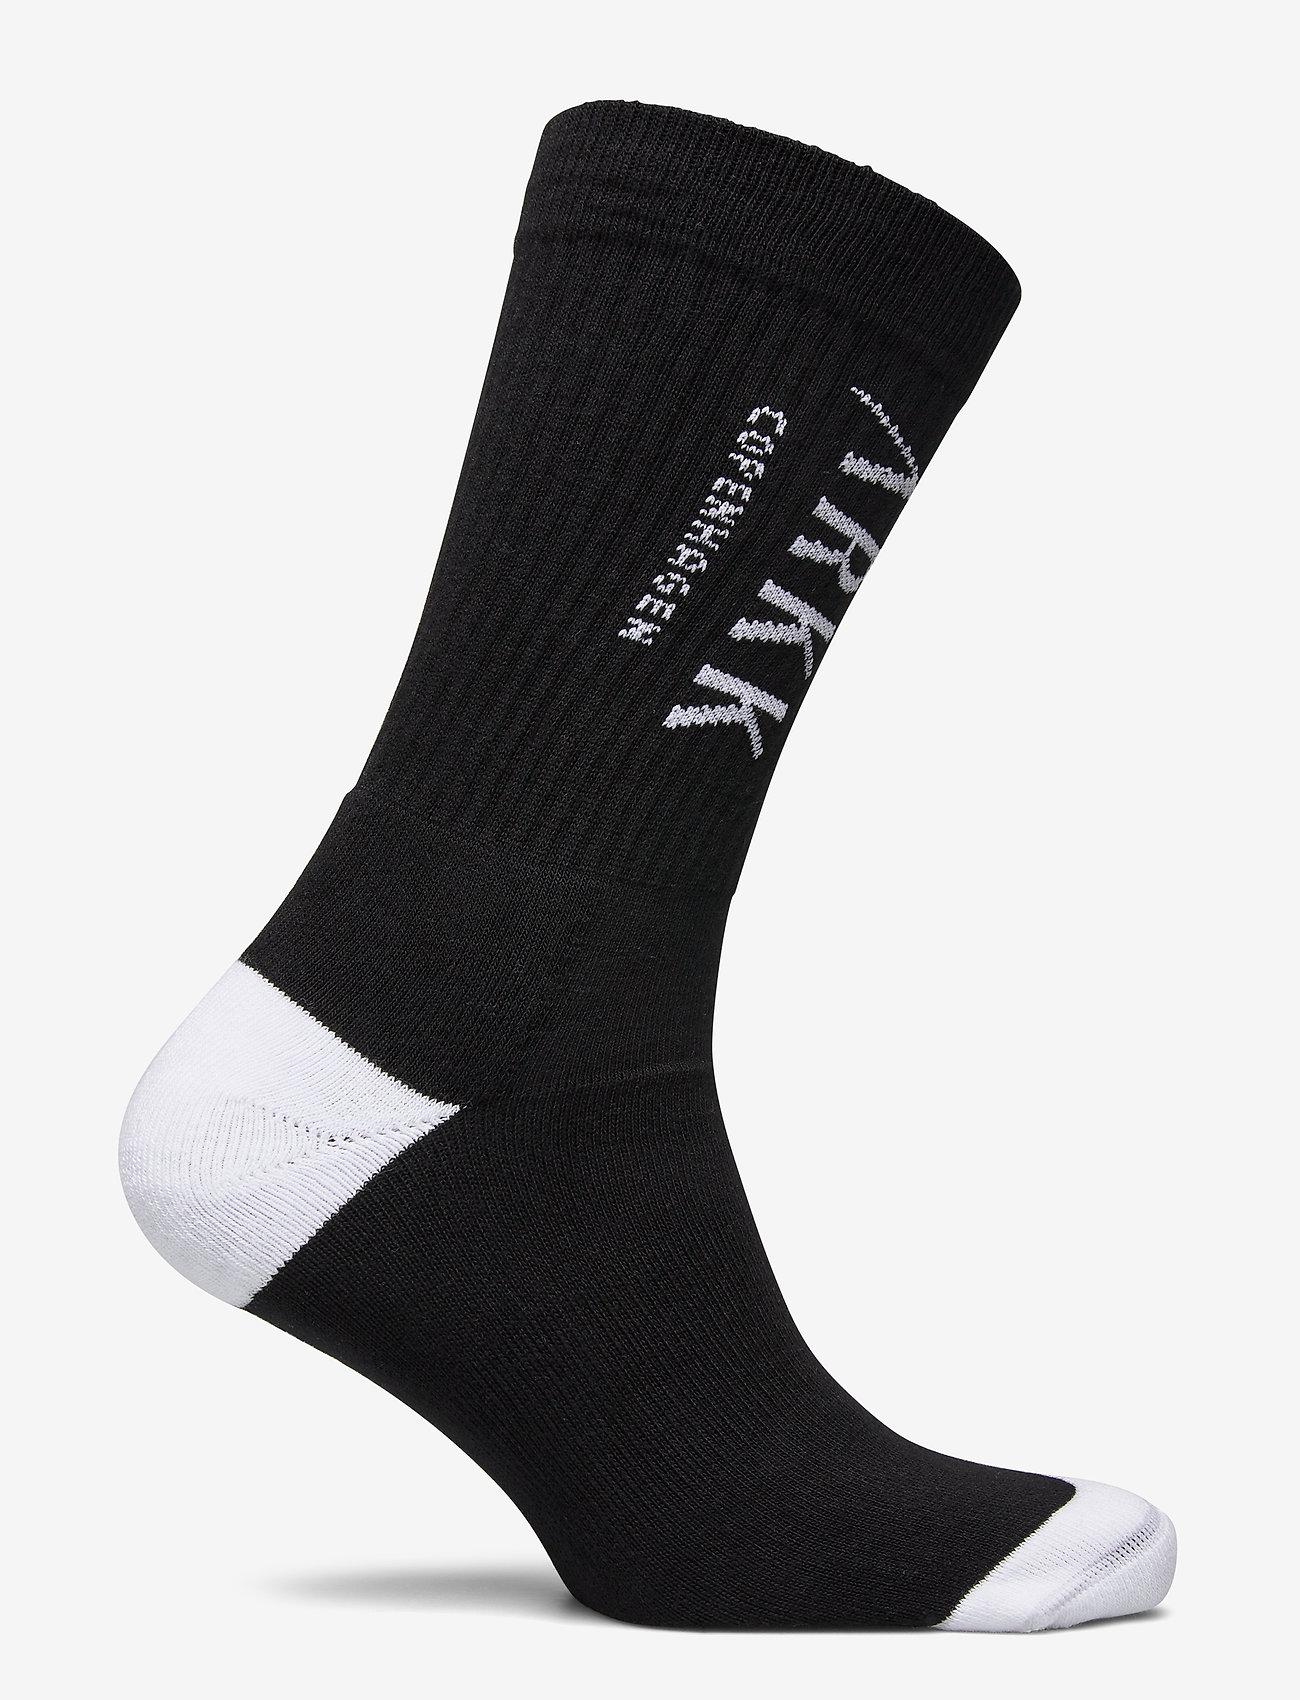 Arkk Copenhagen The High Sock - Essential Black Whi Strømper White